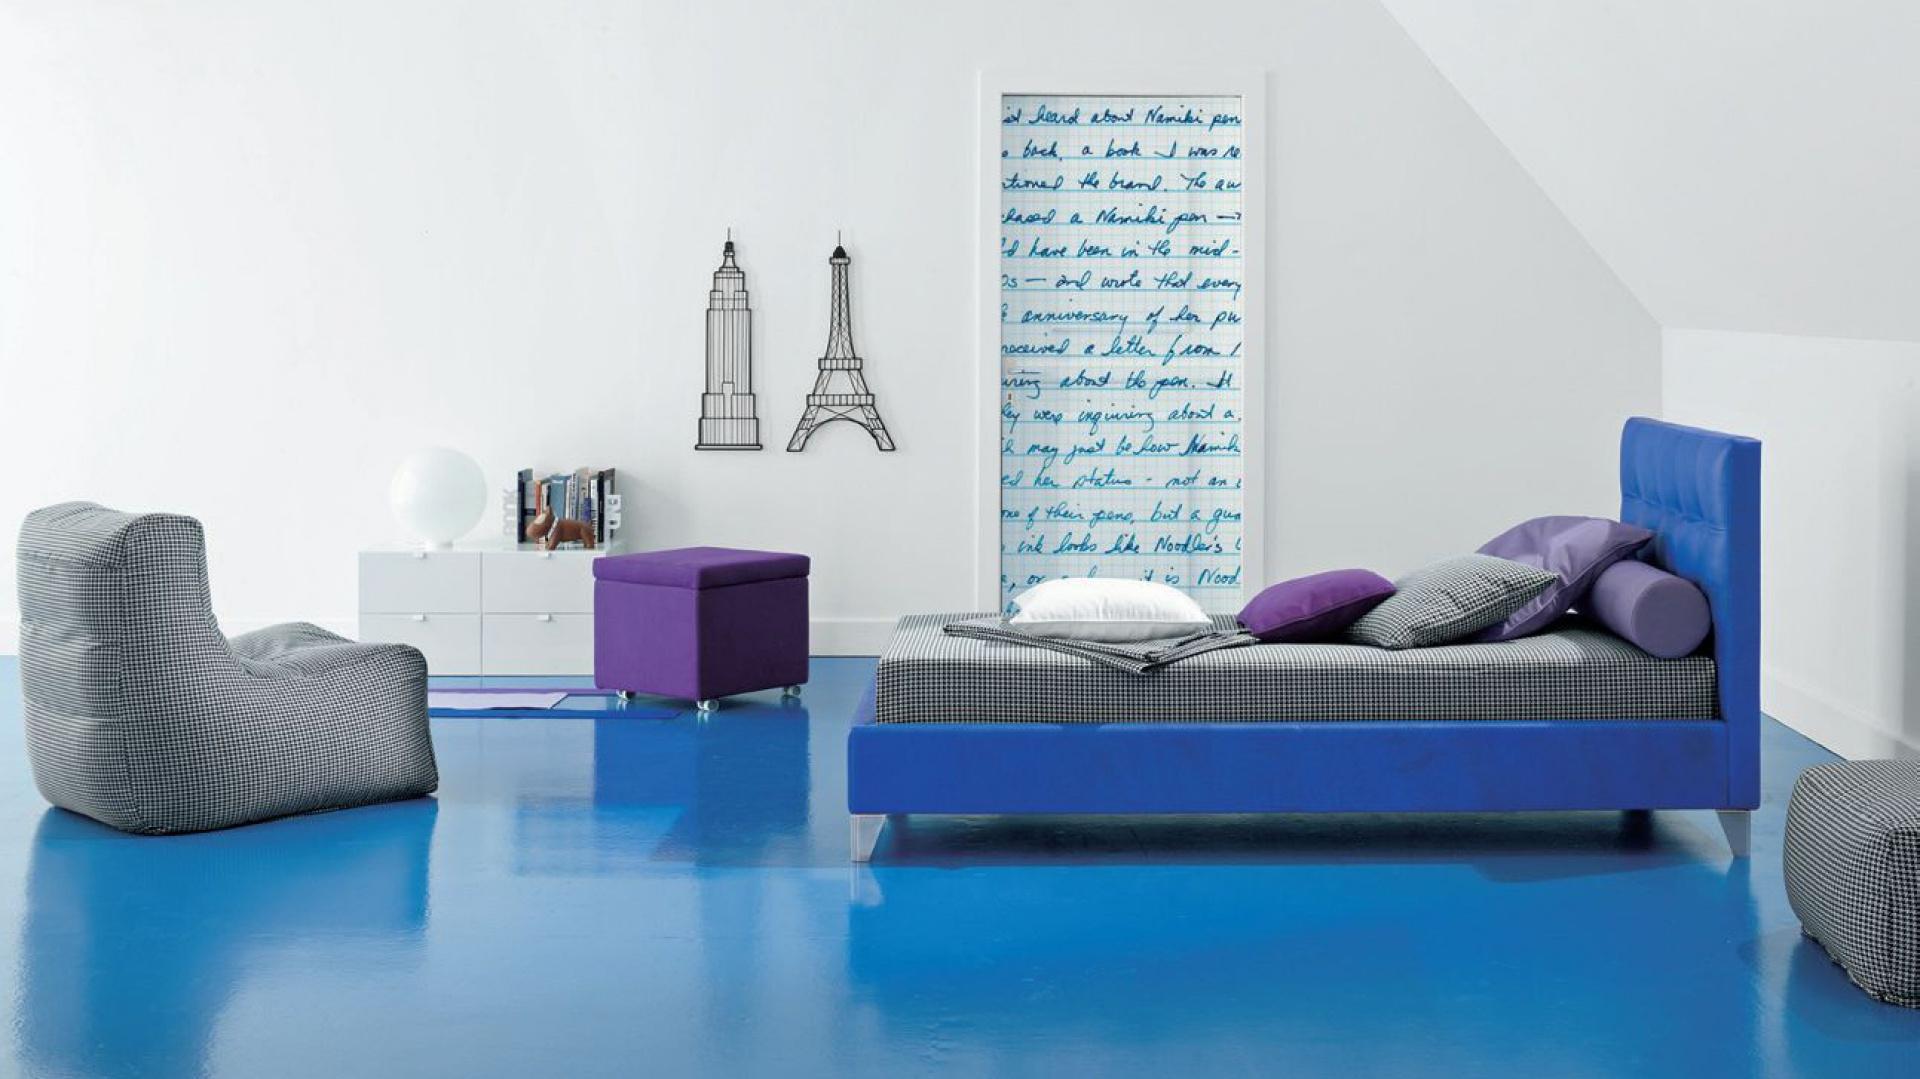 Białe ściany uatrakcyjniają oryginalne dekoracje w młodzieżowym stylu. Fot. Twils.